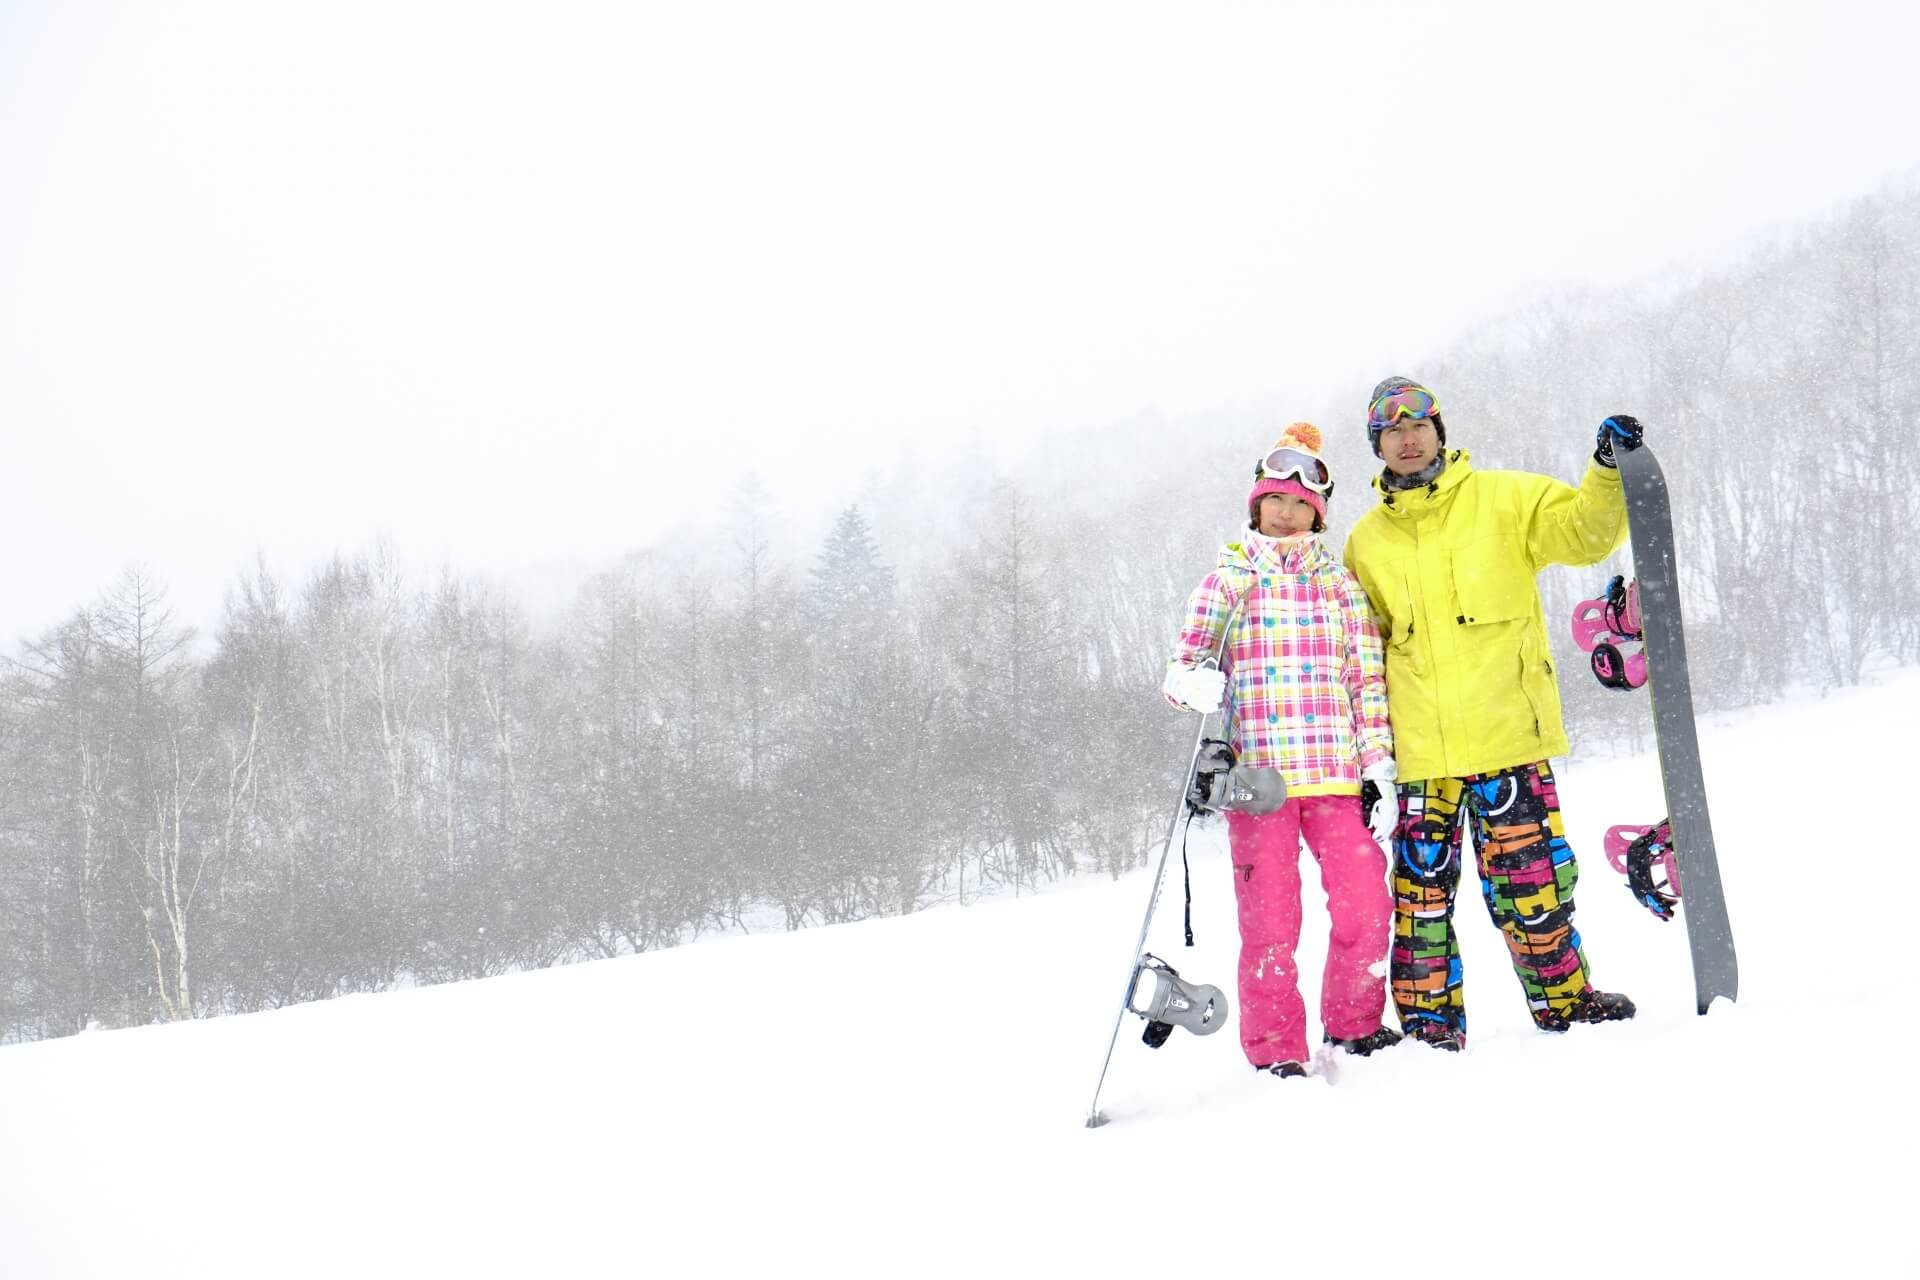 【スノーボード】「滑る」に慣れたらグラトリに挑戦してみよう!